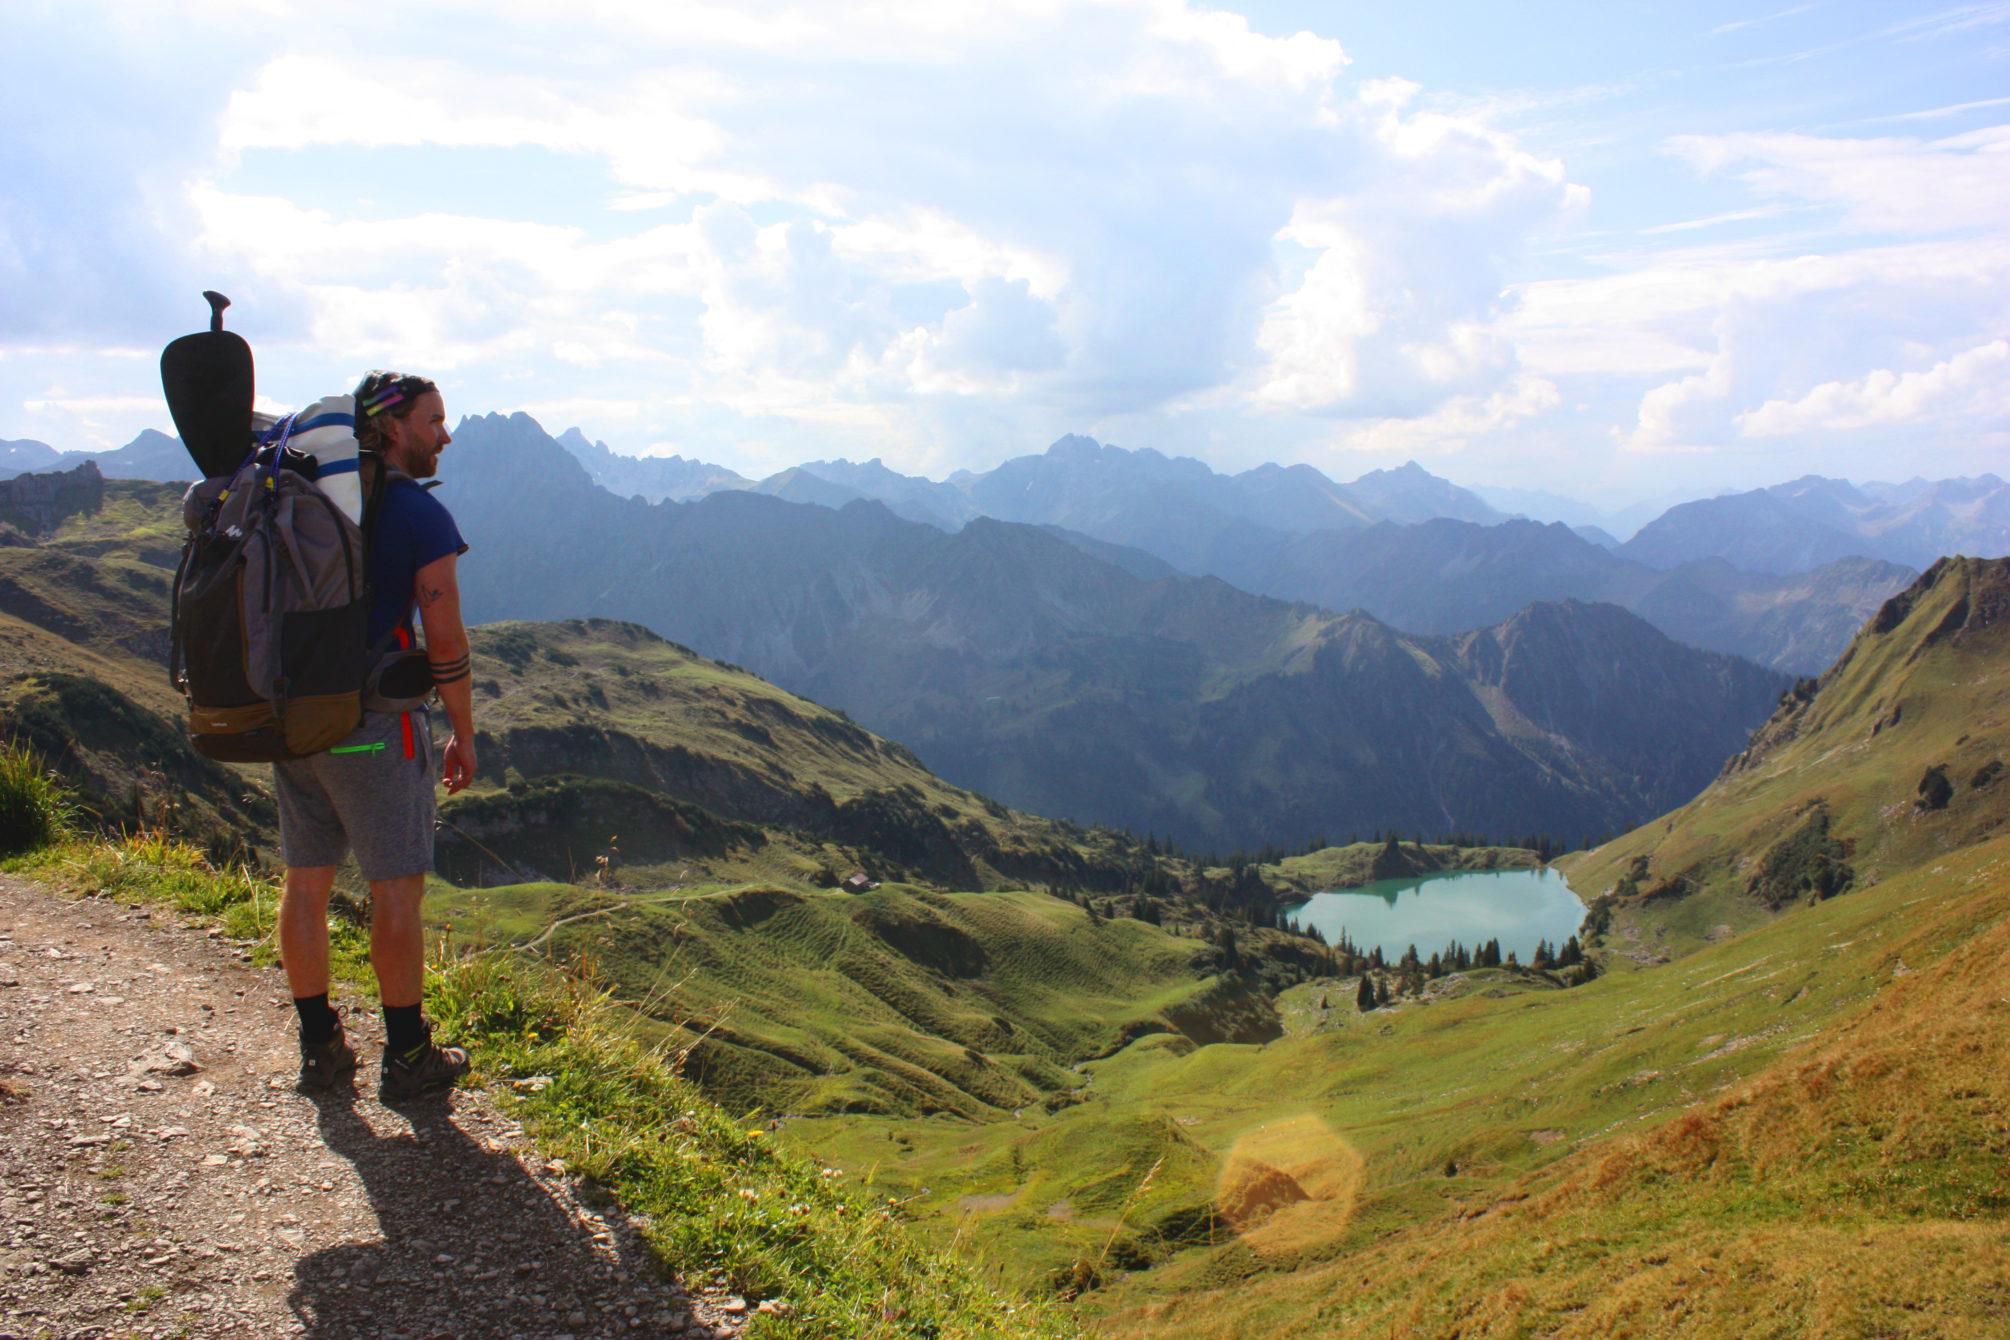 SUP-Spot: Der grün schimmernde Seealpsee ist eines der Natur-Highlights in den Allgäuer Alpen. Eine SUP-Tour lohnt sich auf jeden Fall.